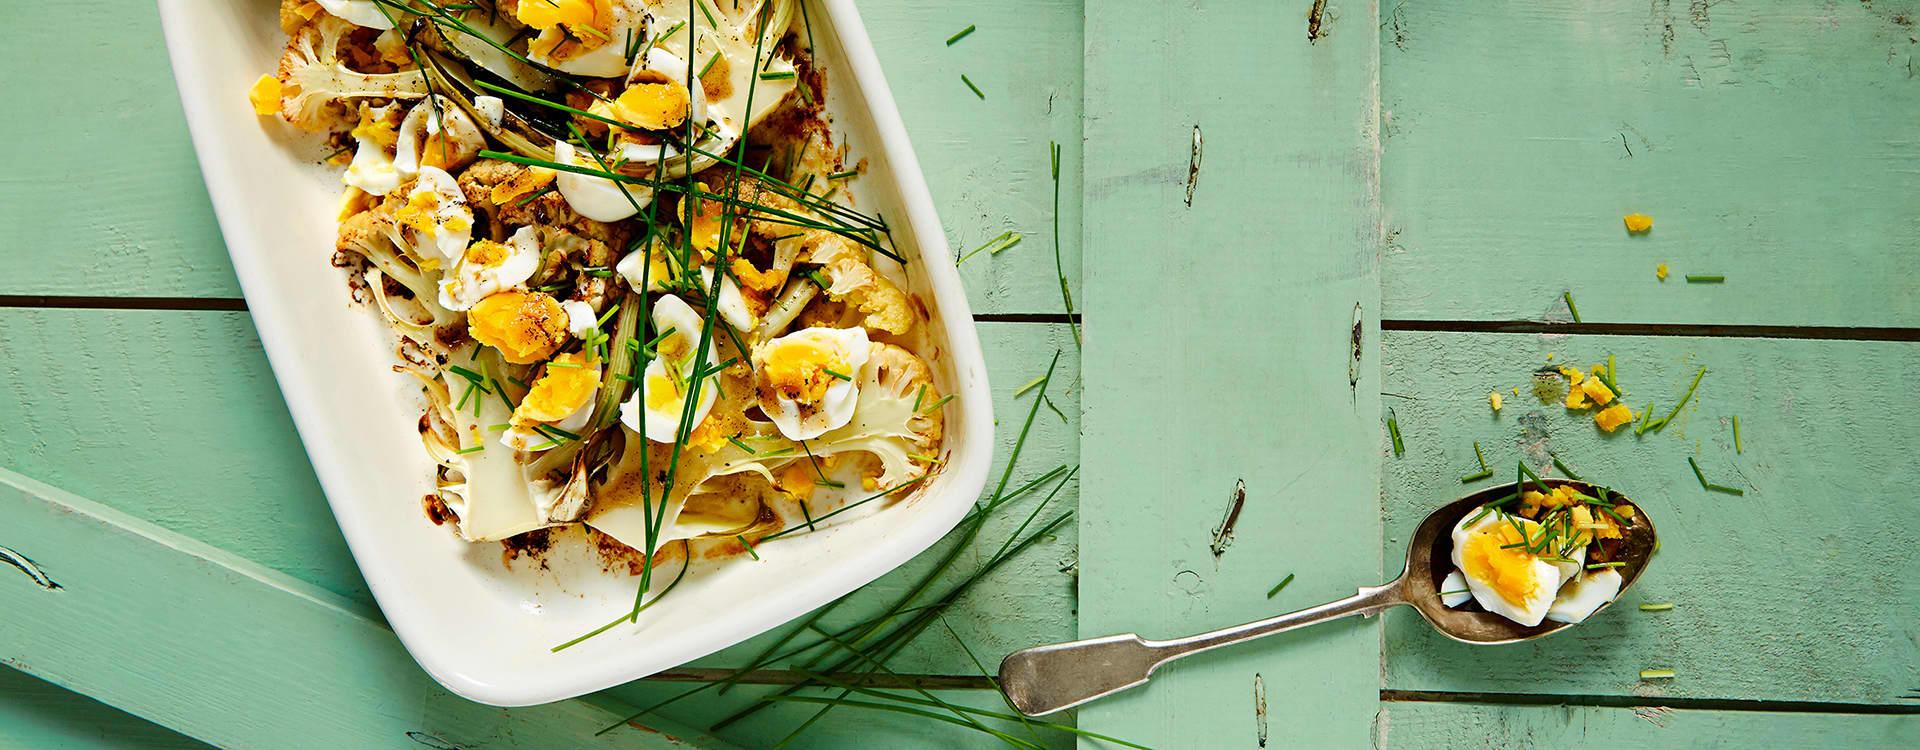 Ovnsstekt blomkål med hakket egg, gressløk og brunet smør.